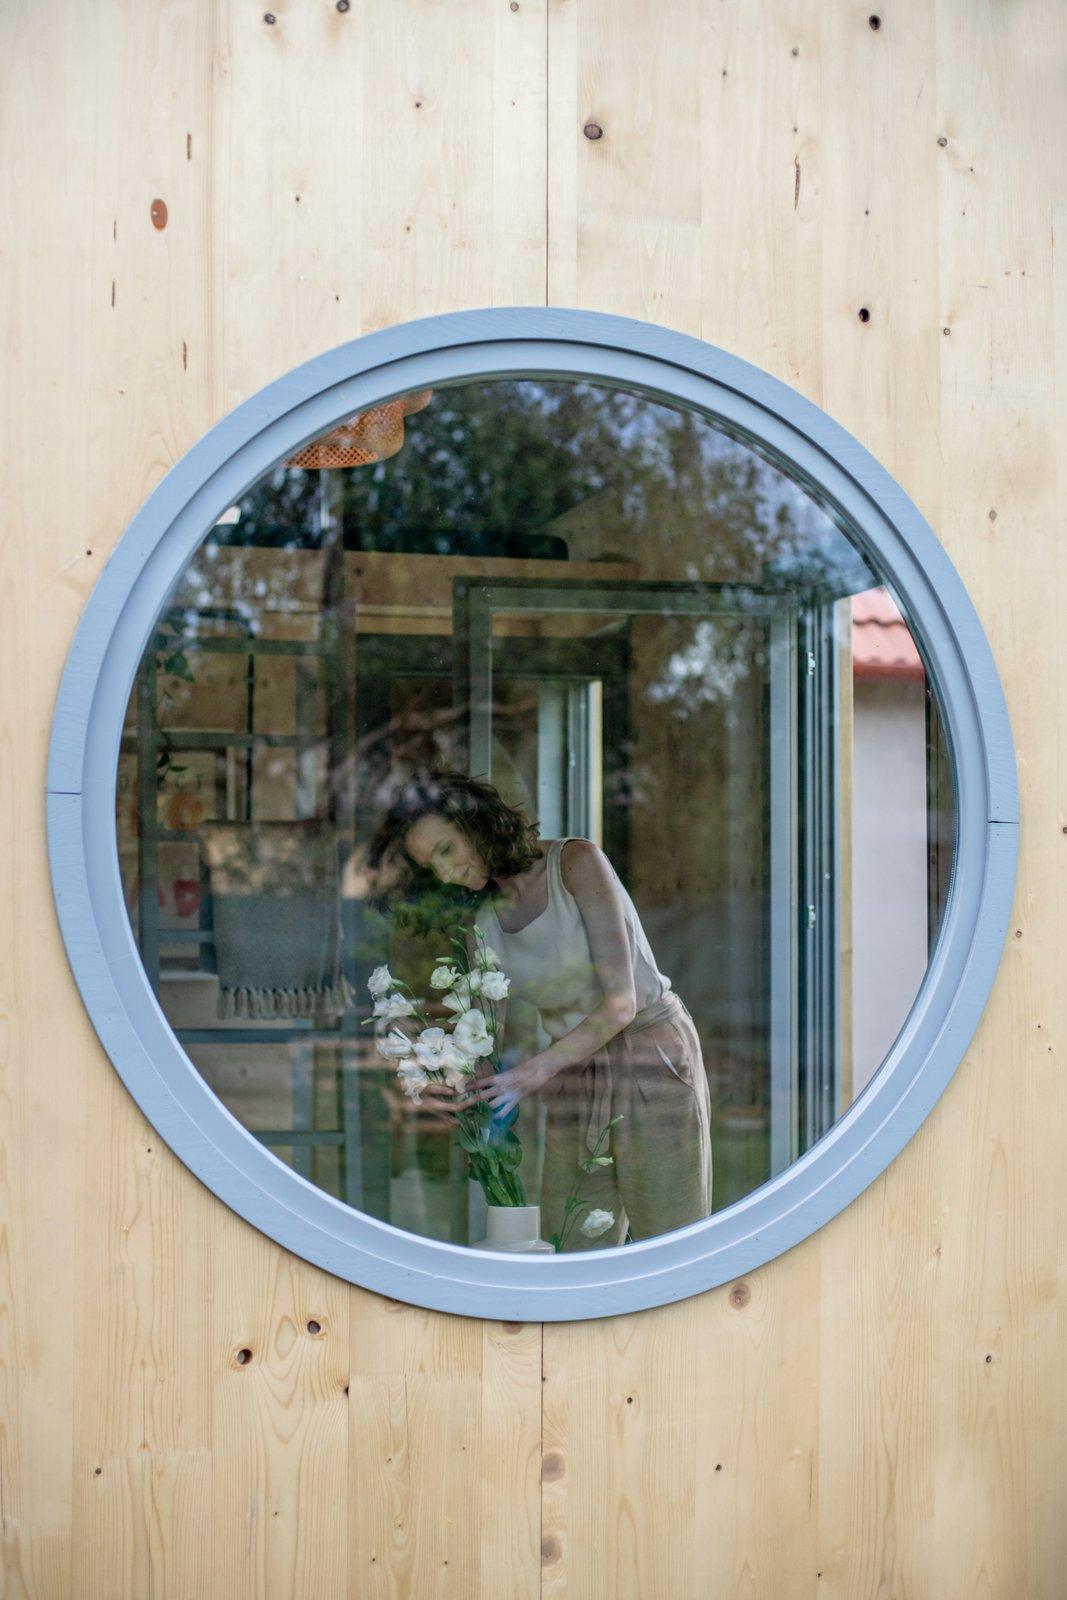 Window of Kabinka by Hello Wood.